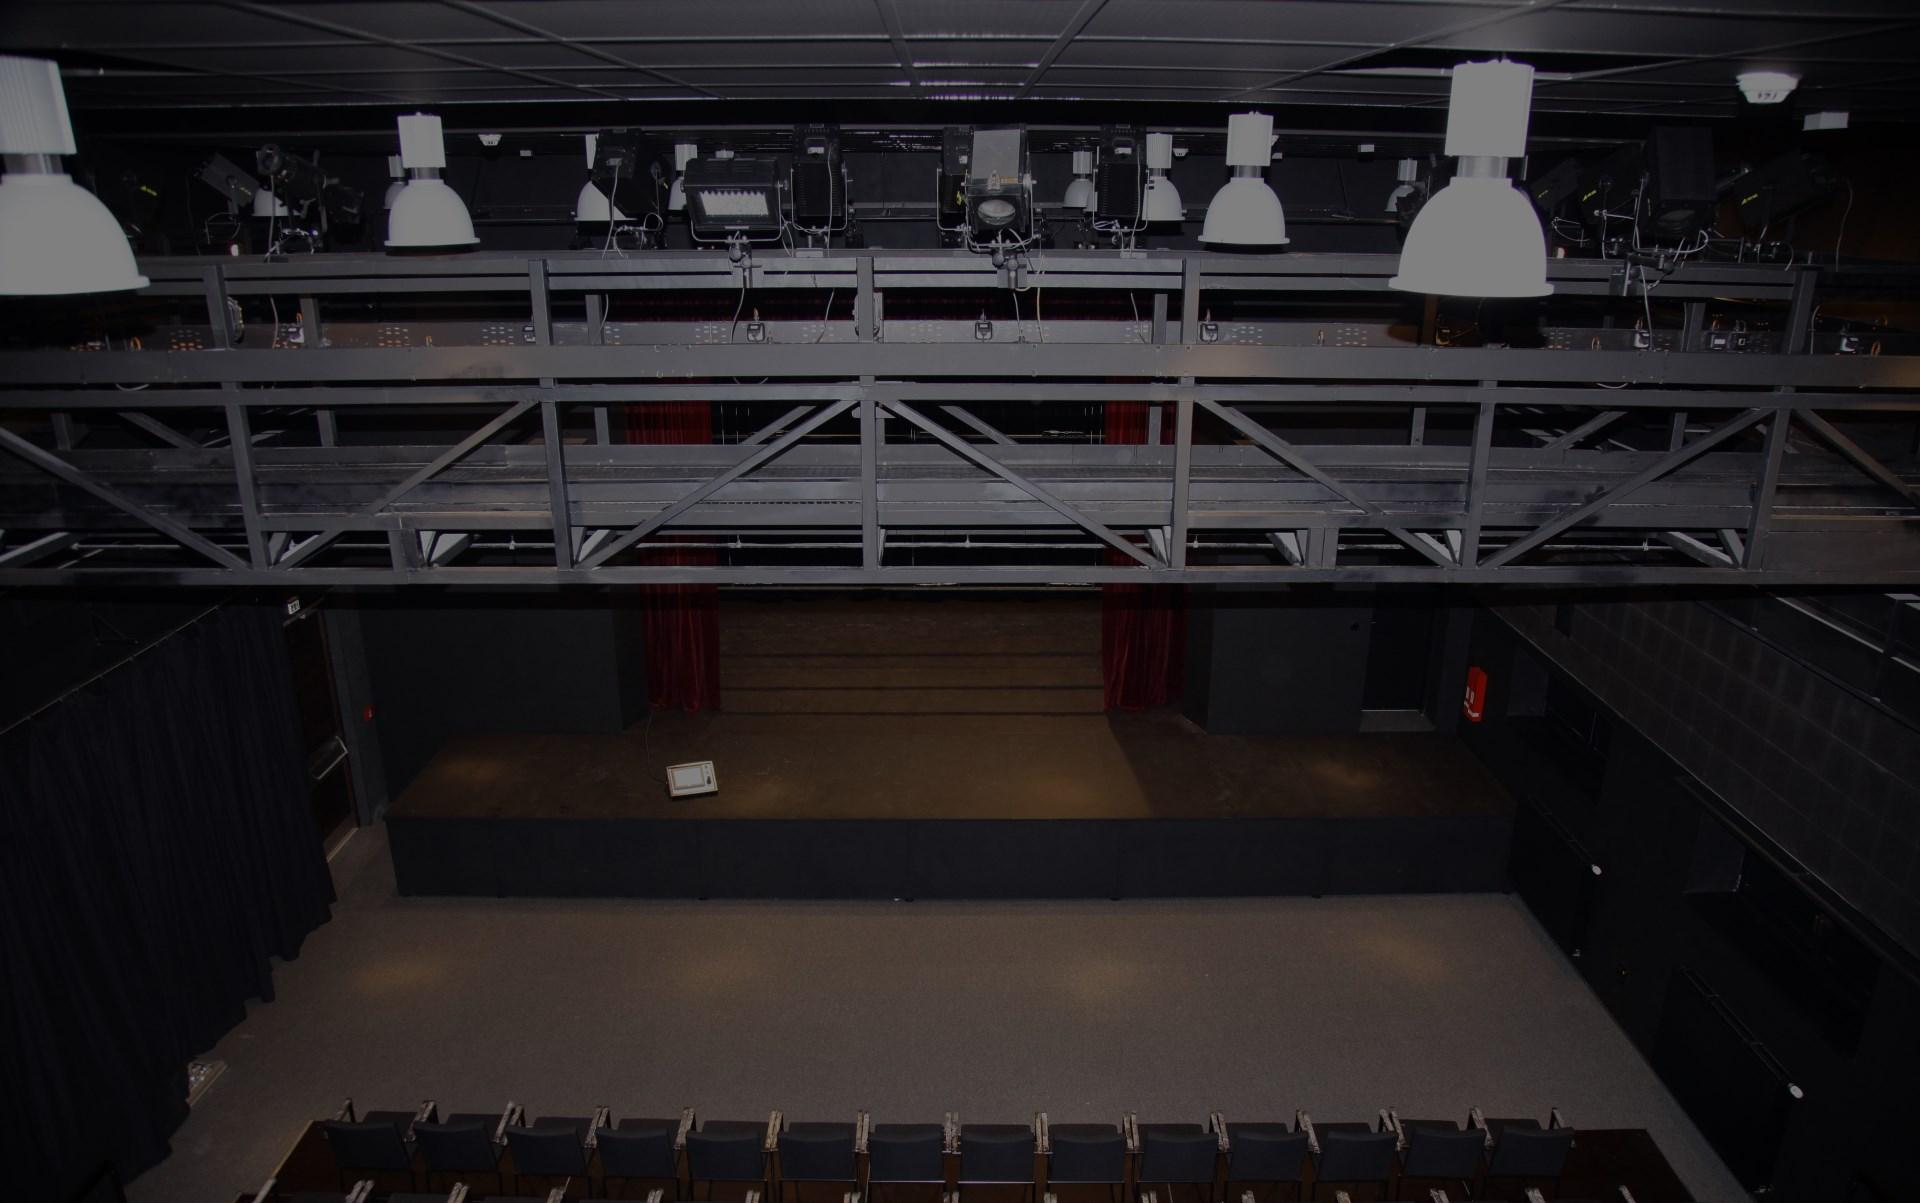 Realizace komplexních dodávek scénického ozvučení, AV technologií